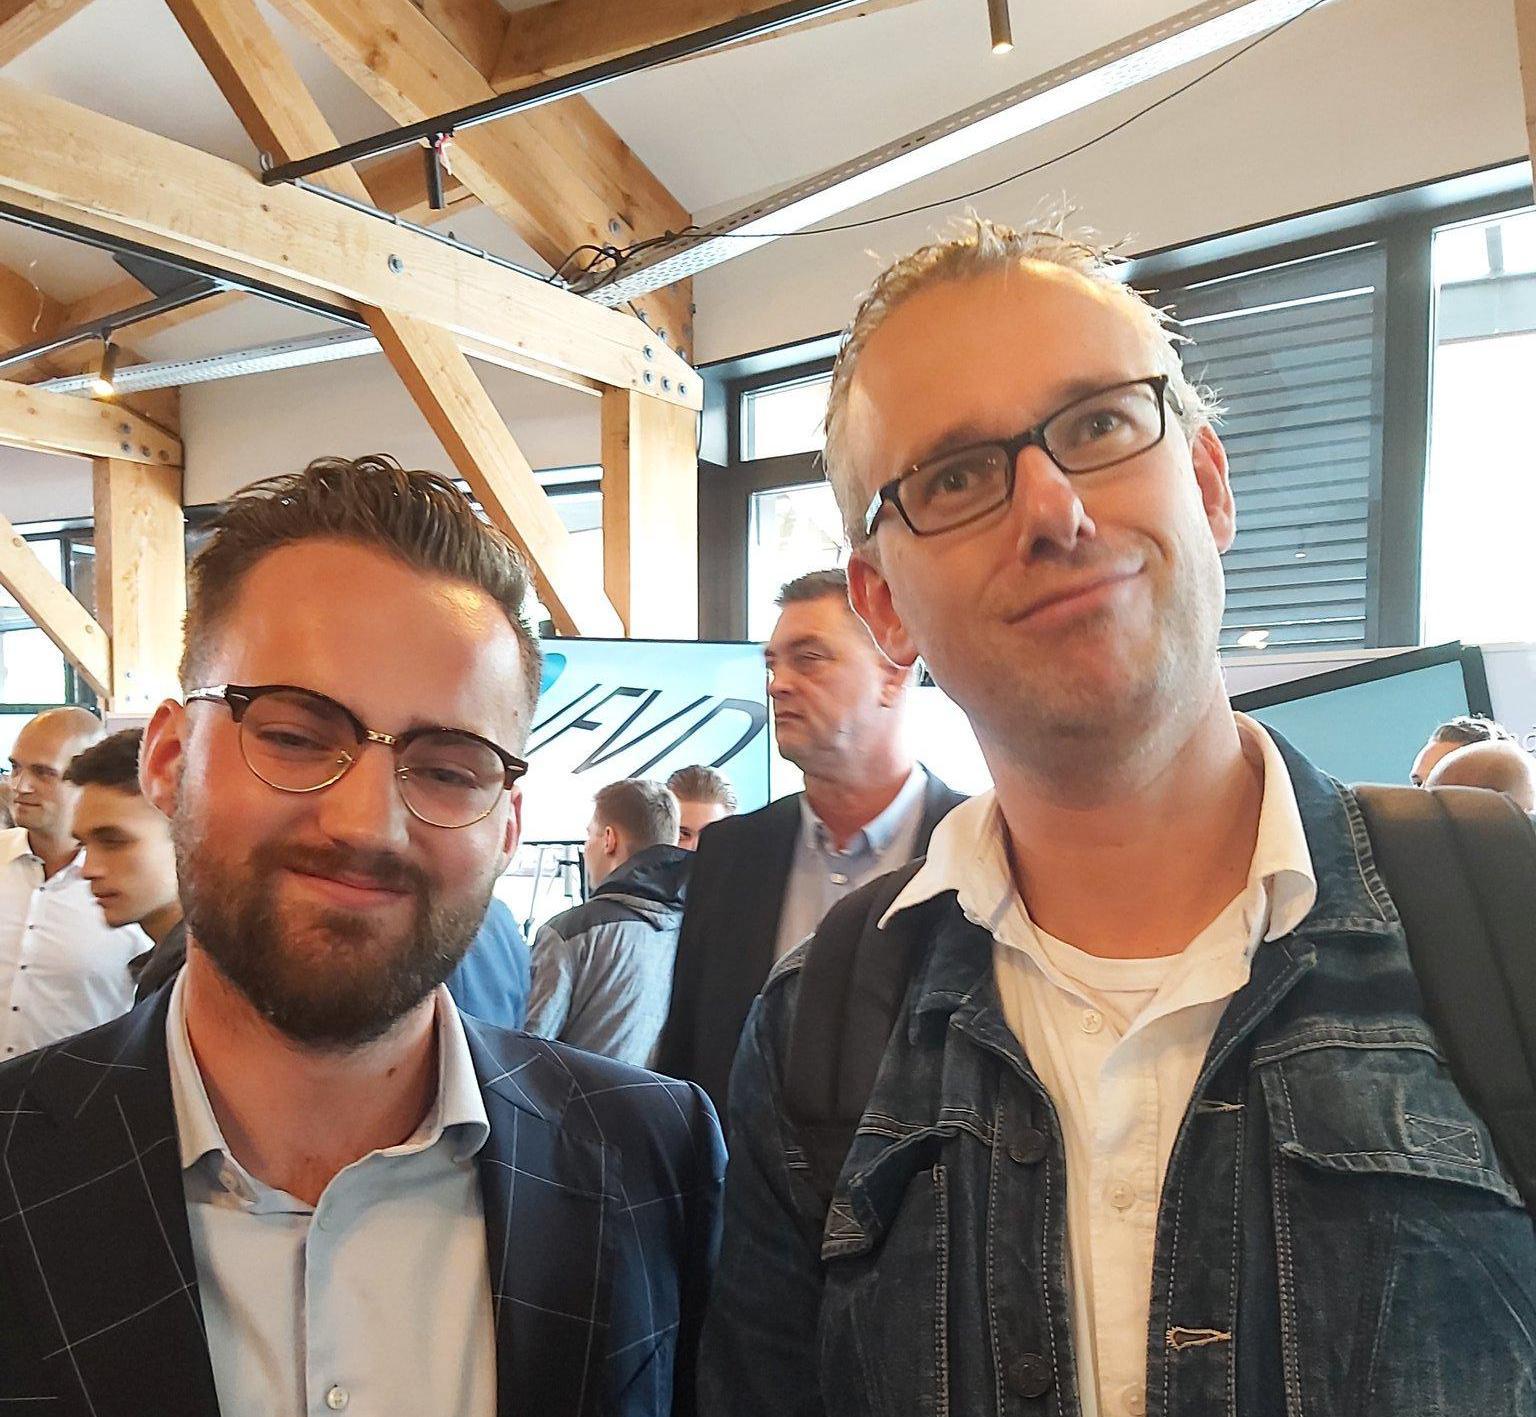 Katwijker Sonny Spek zegt lidmaatschap Forum voor Democratie op na 'intimiderende actie' Thierry Baudet